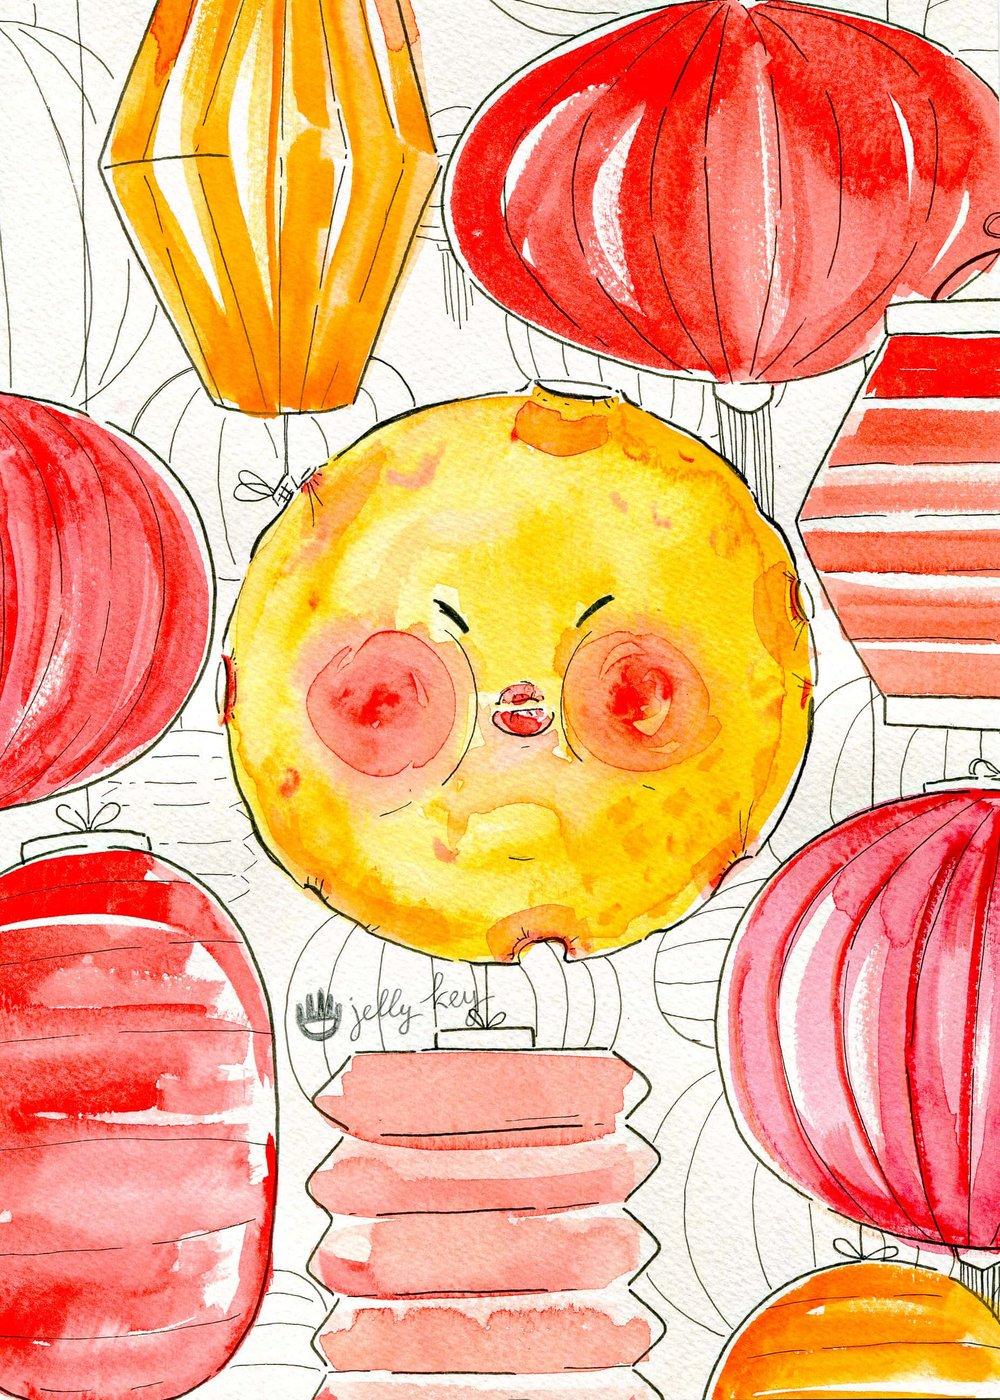 Jelly Key - Mid Autumn Festival  art 3.jpg